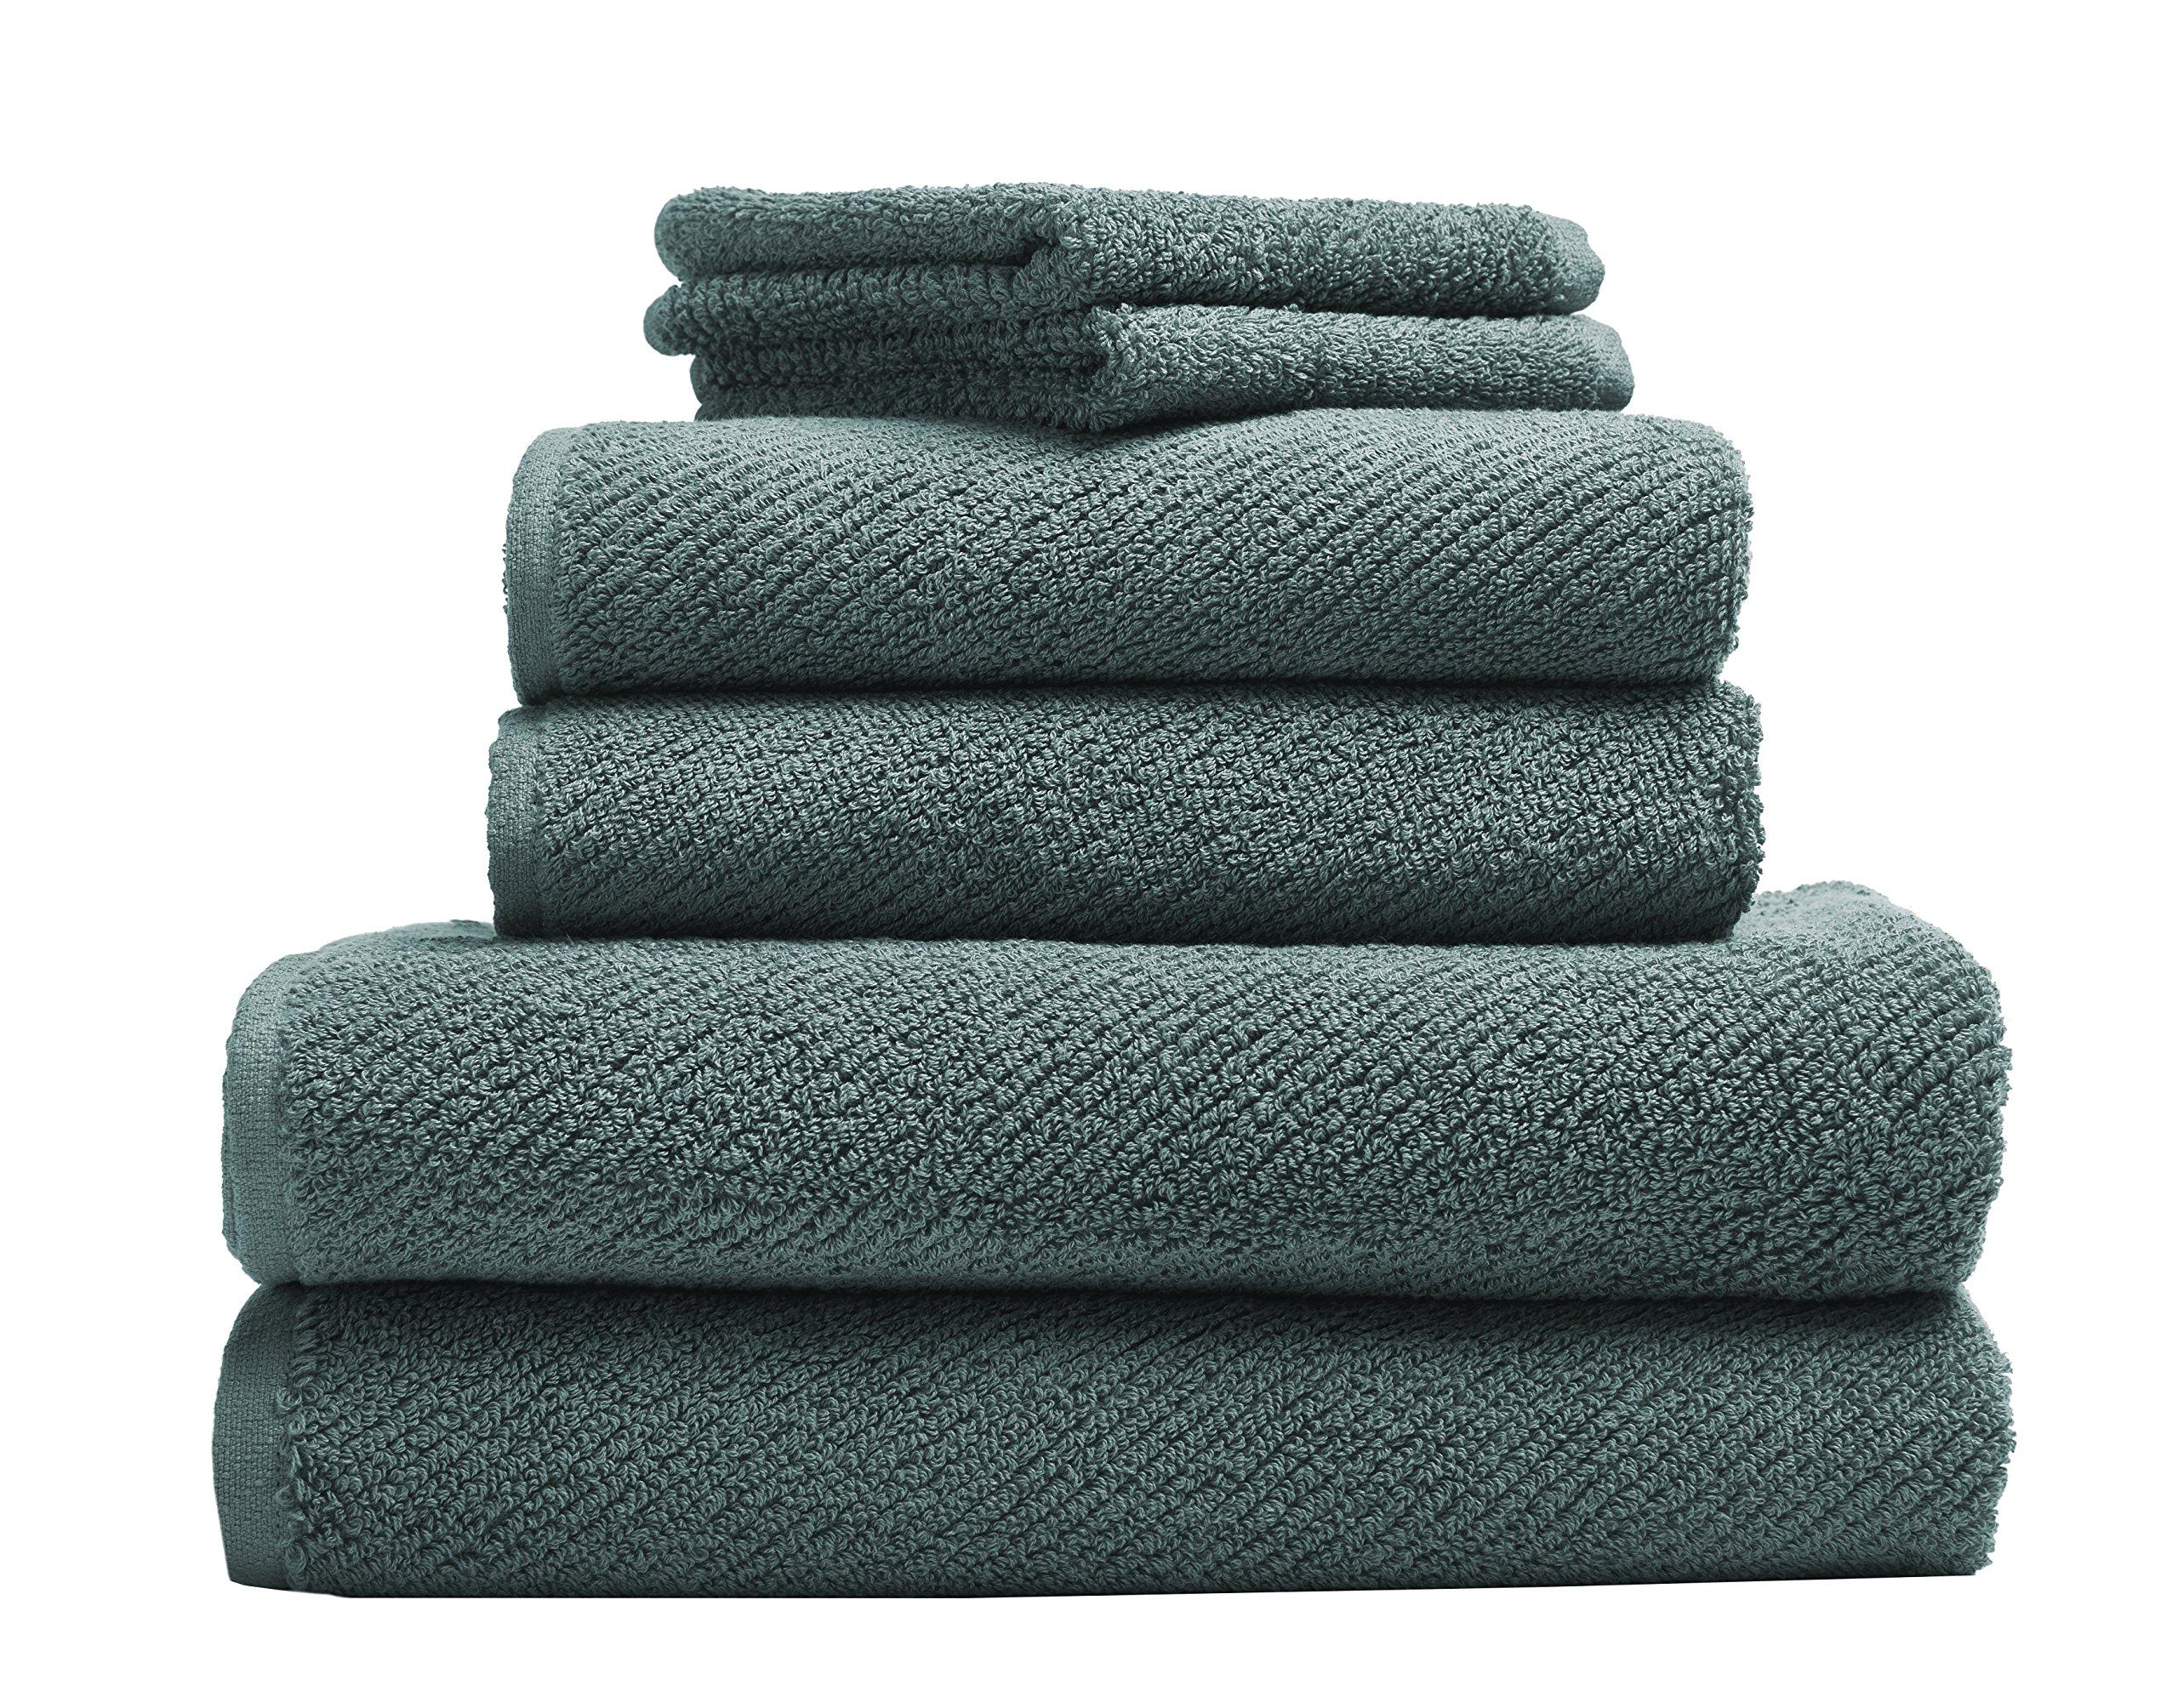 Coyuchi 1019021 6 Piece Organic Air Weight Towel Set, Deep Dusty Aqua by Coyuchi (Image #1)